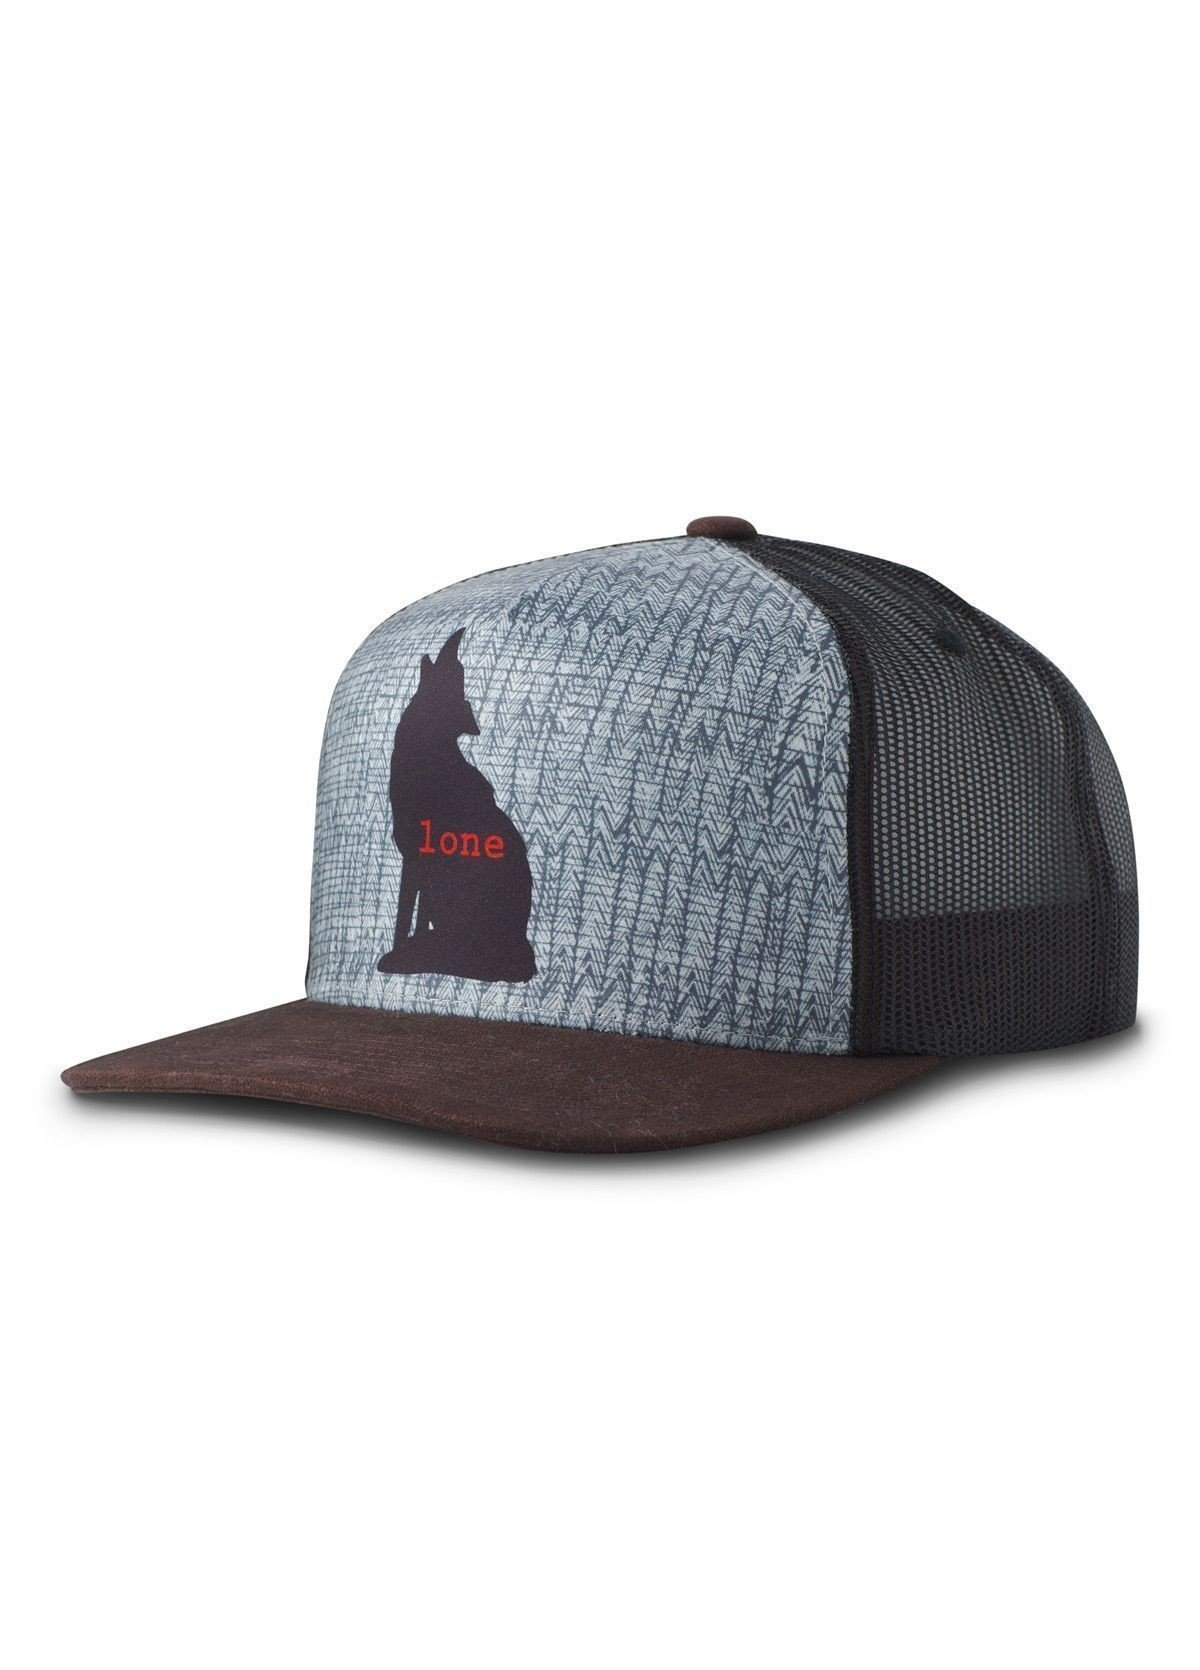 prAna Journeyman Trucker Hat Lone Wolf PRJMTHwolf